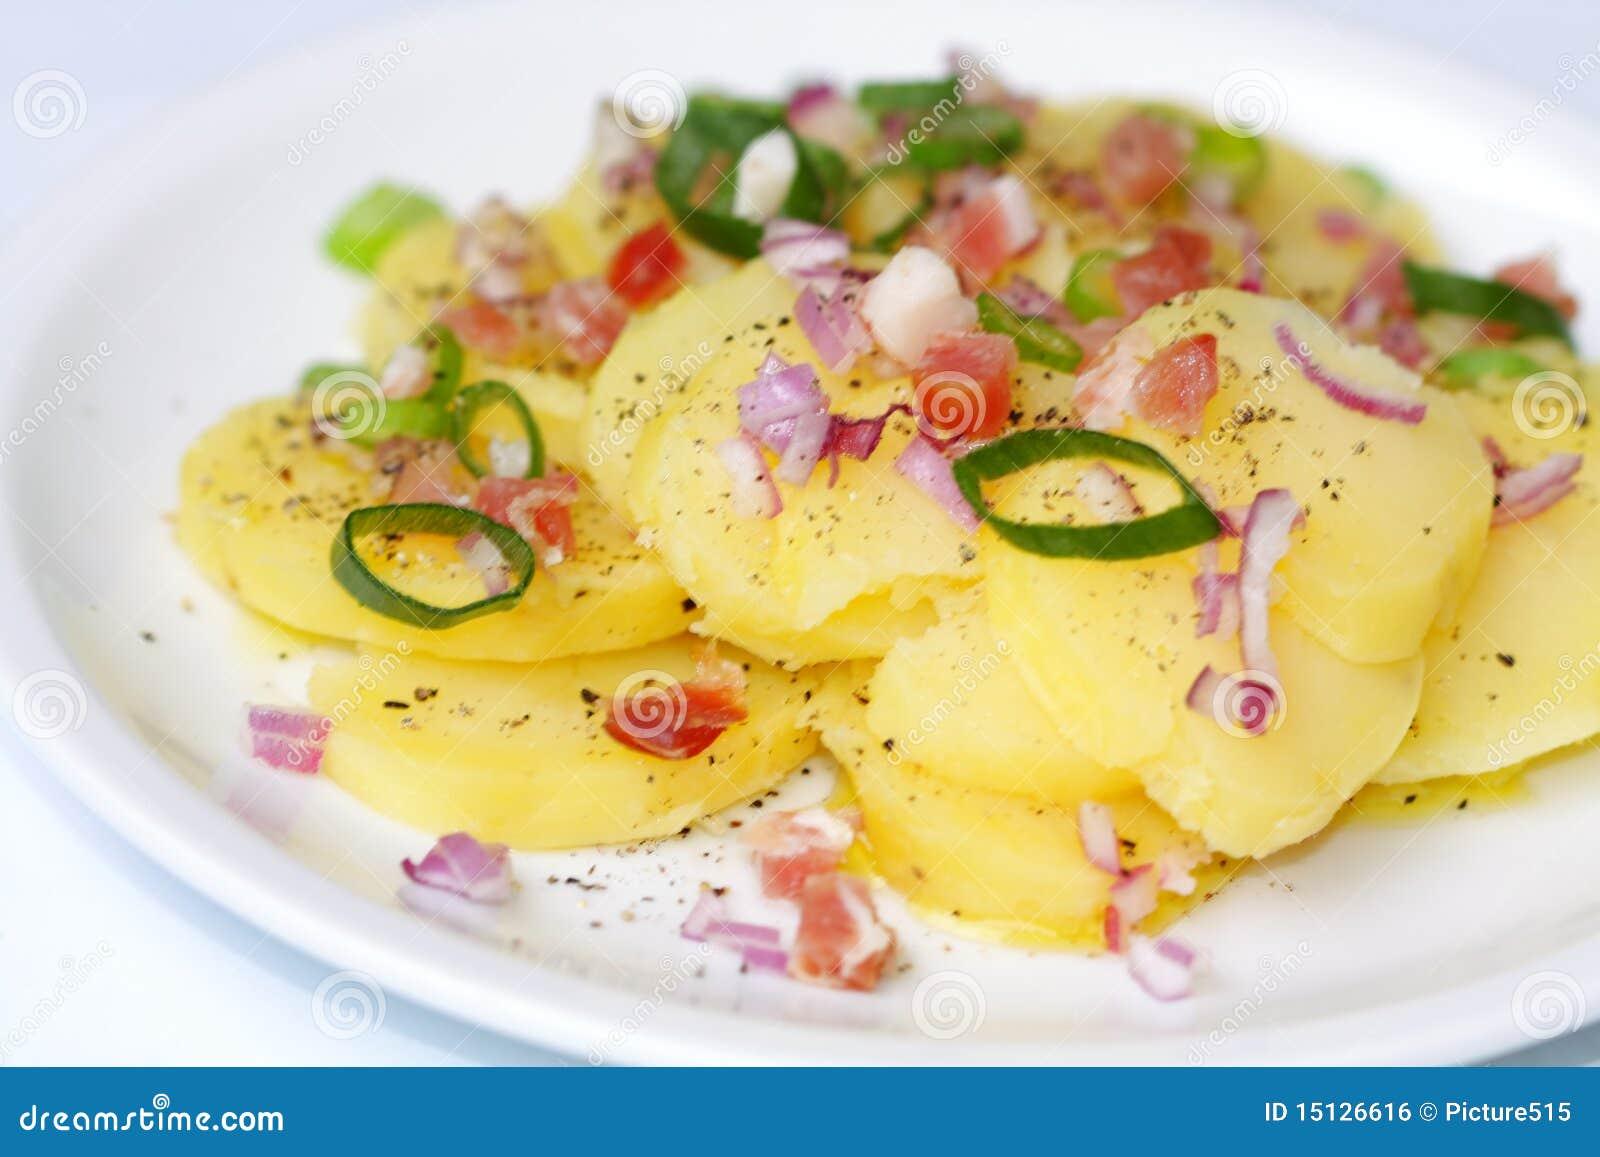 Potato salad from jacket potatoes